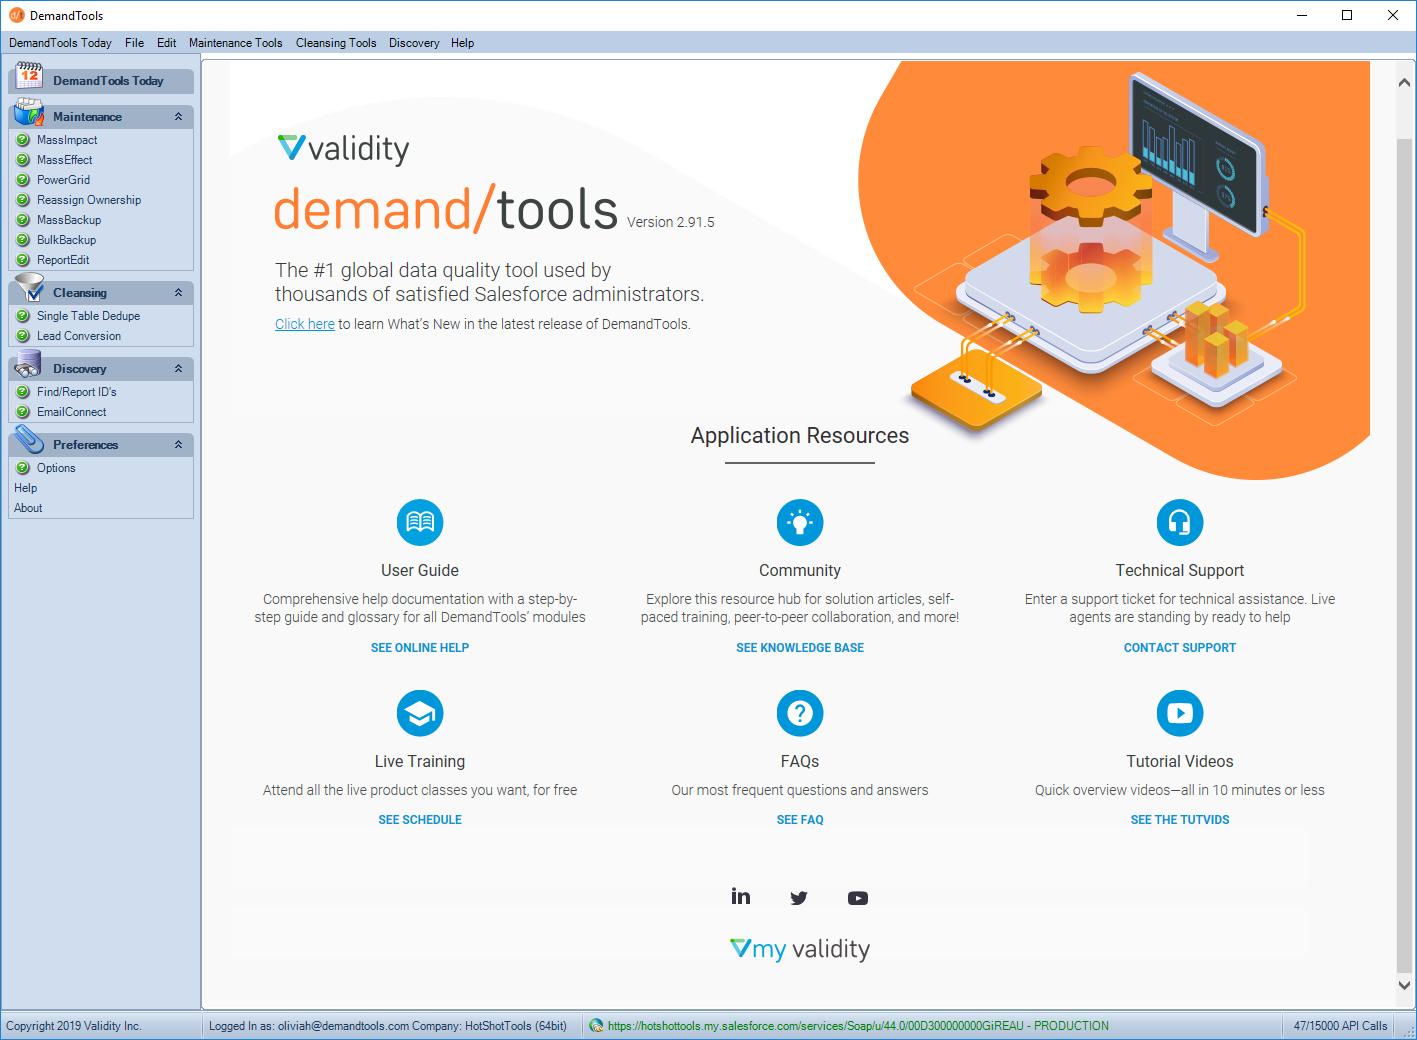 DemandTools Demo - Validity DemandTools